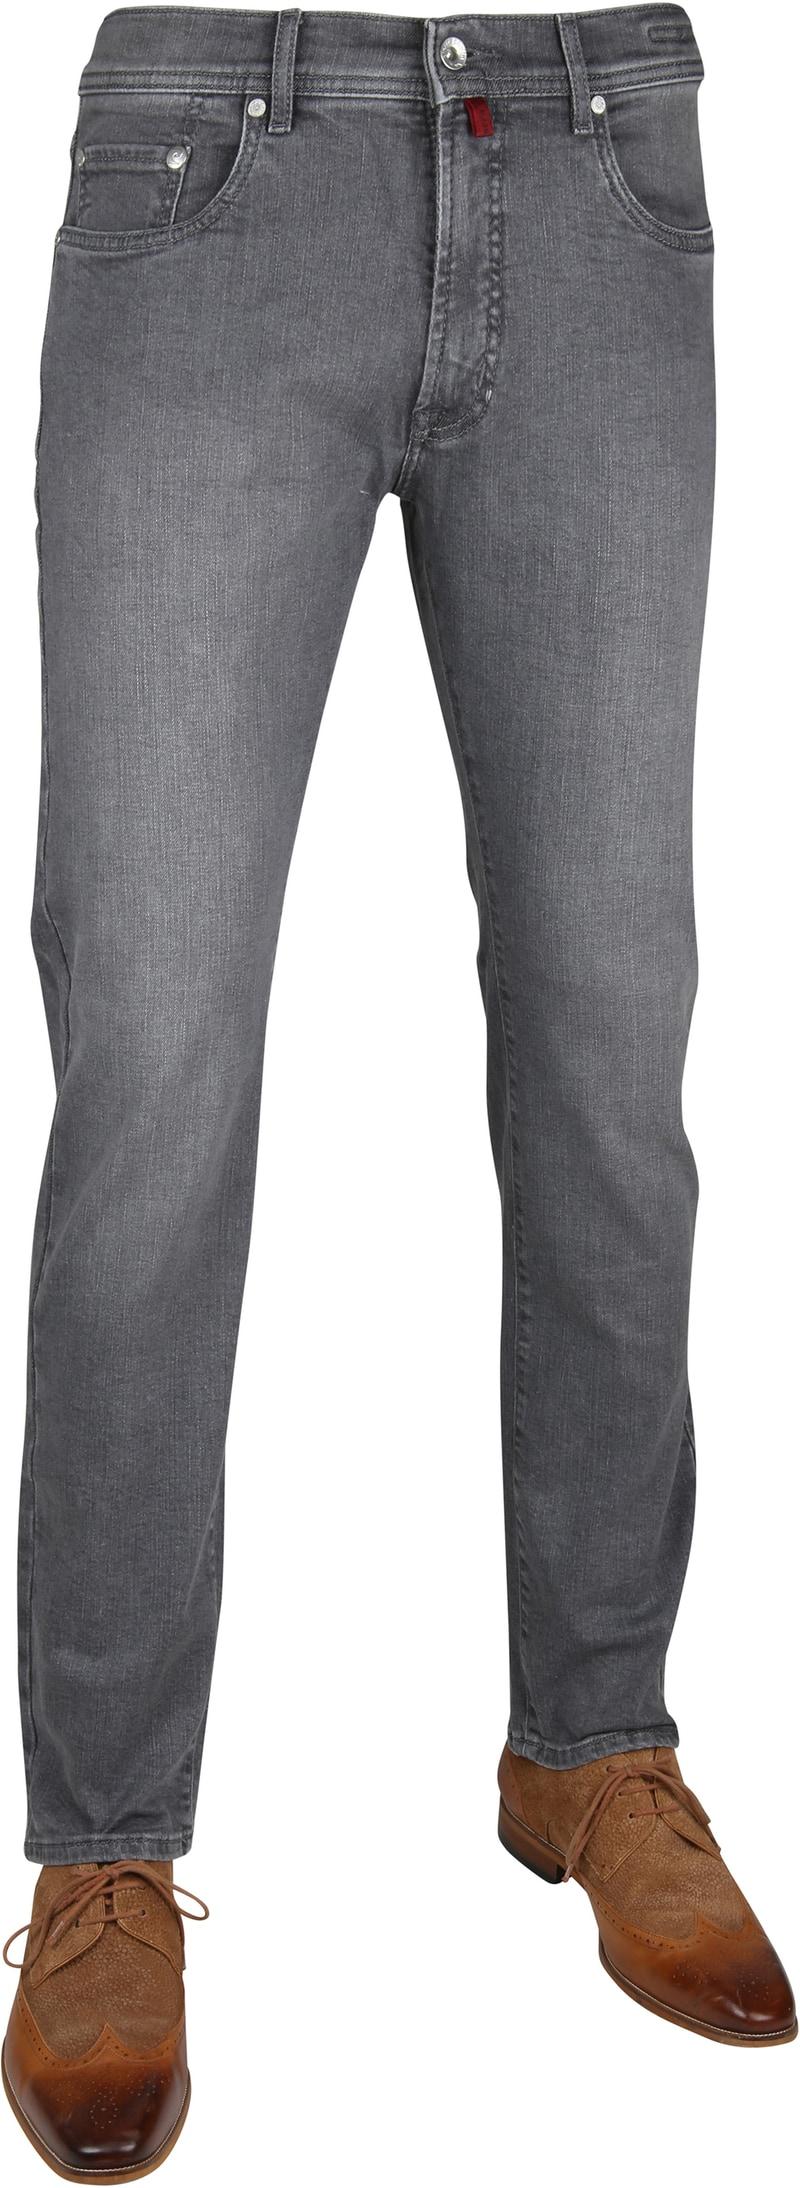 Pierre Cardin Lyon Jeans Donkergrijs foto 0